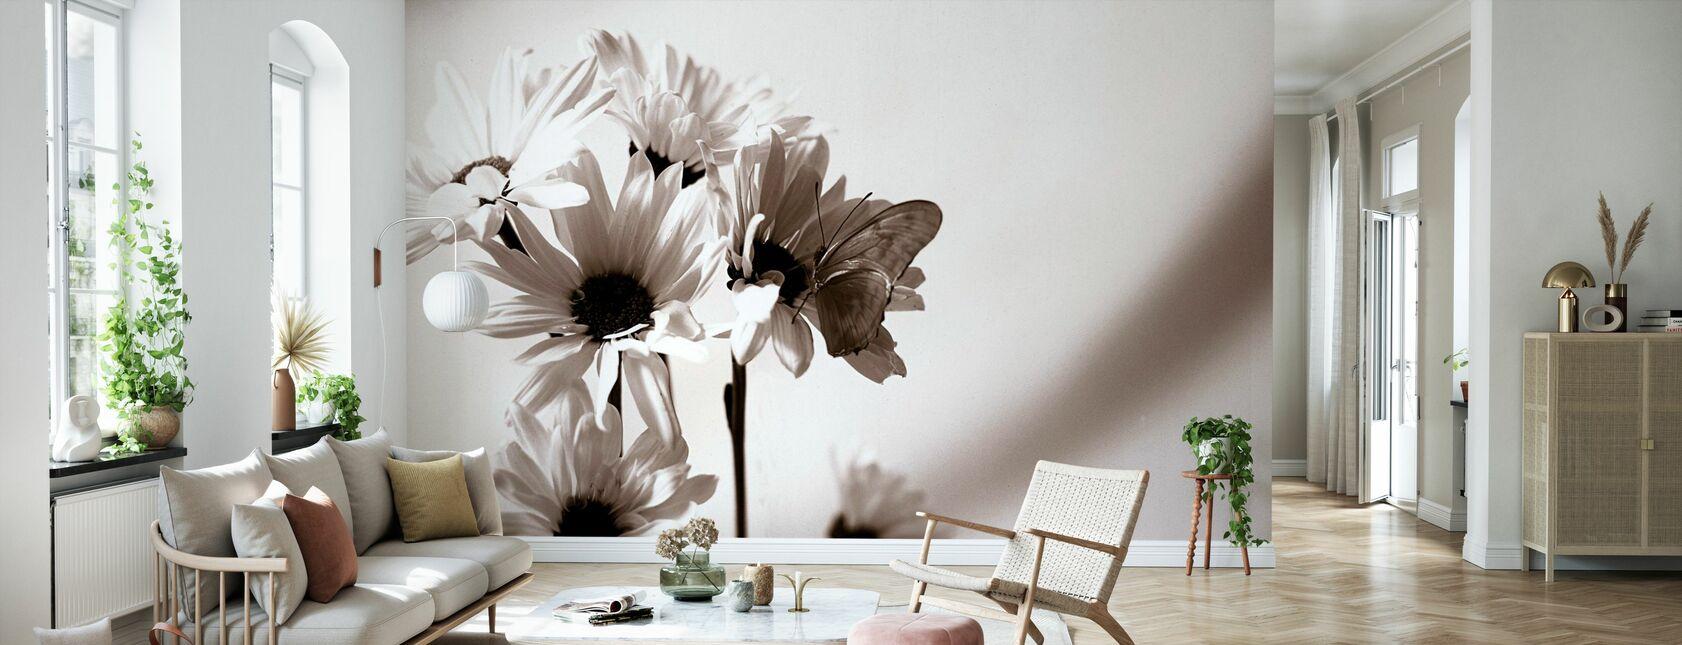 Julia Papillon - Papier peint - Salle à manger